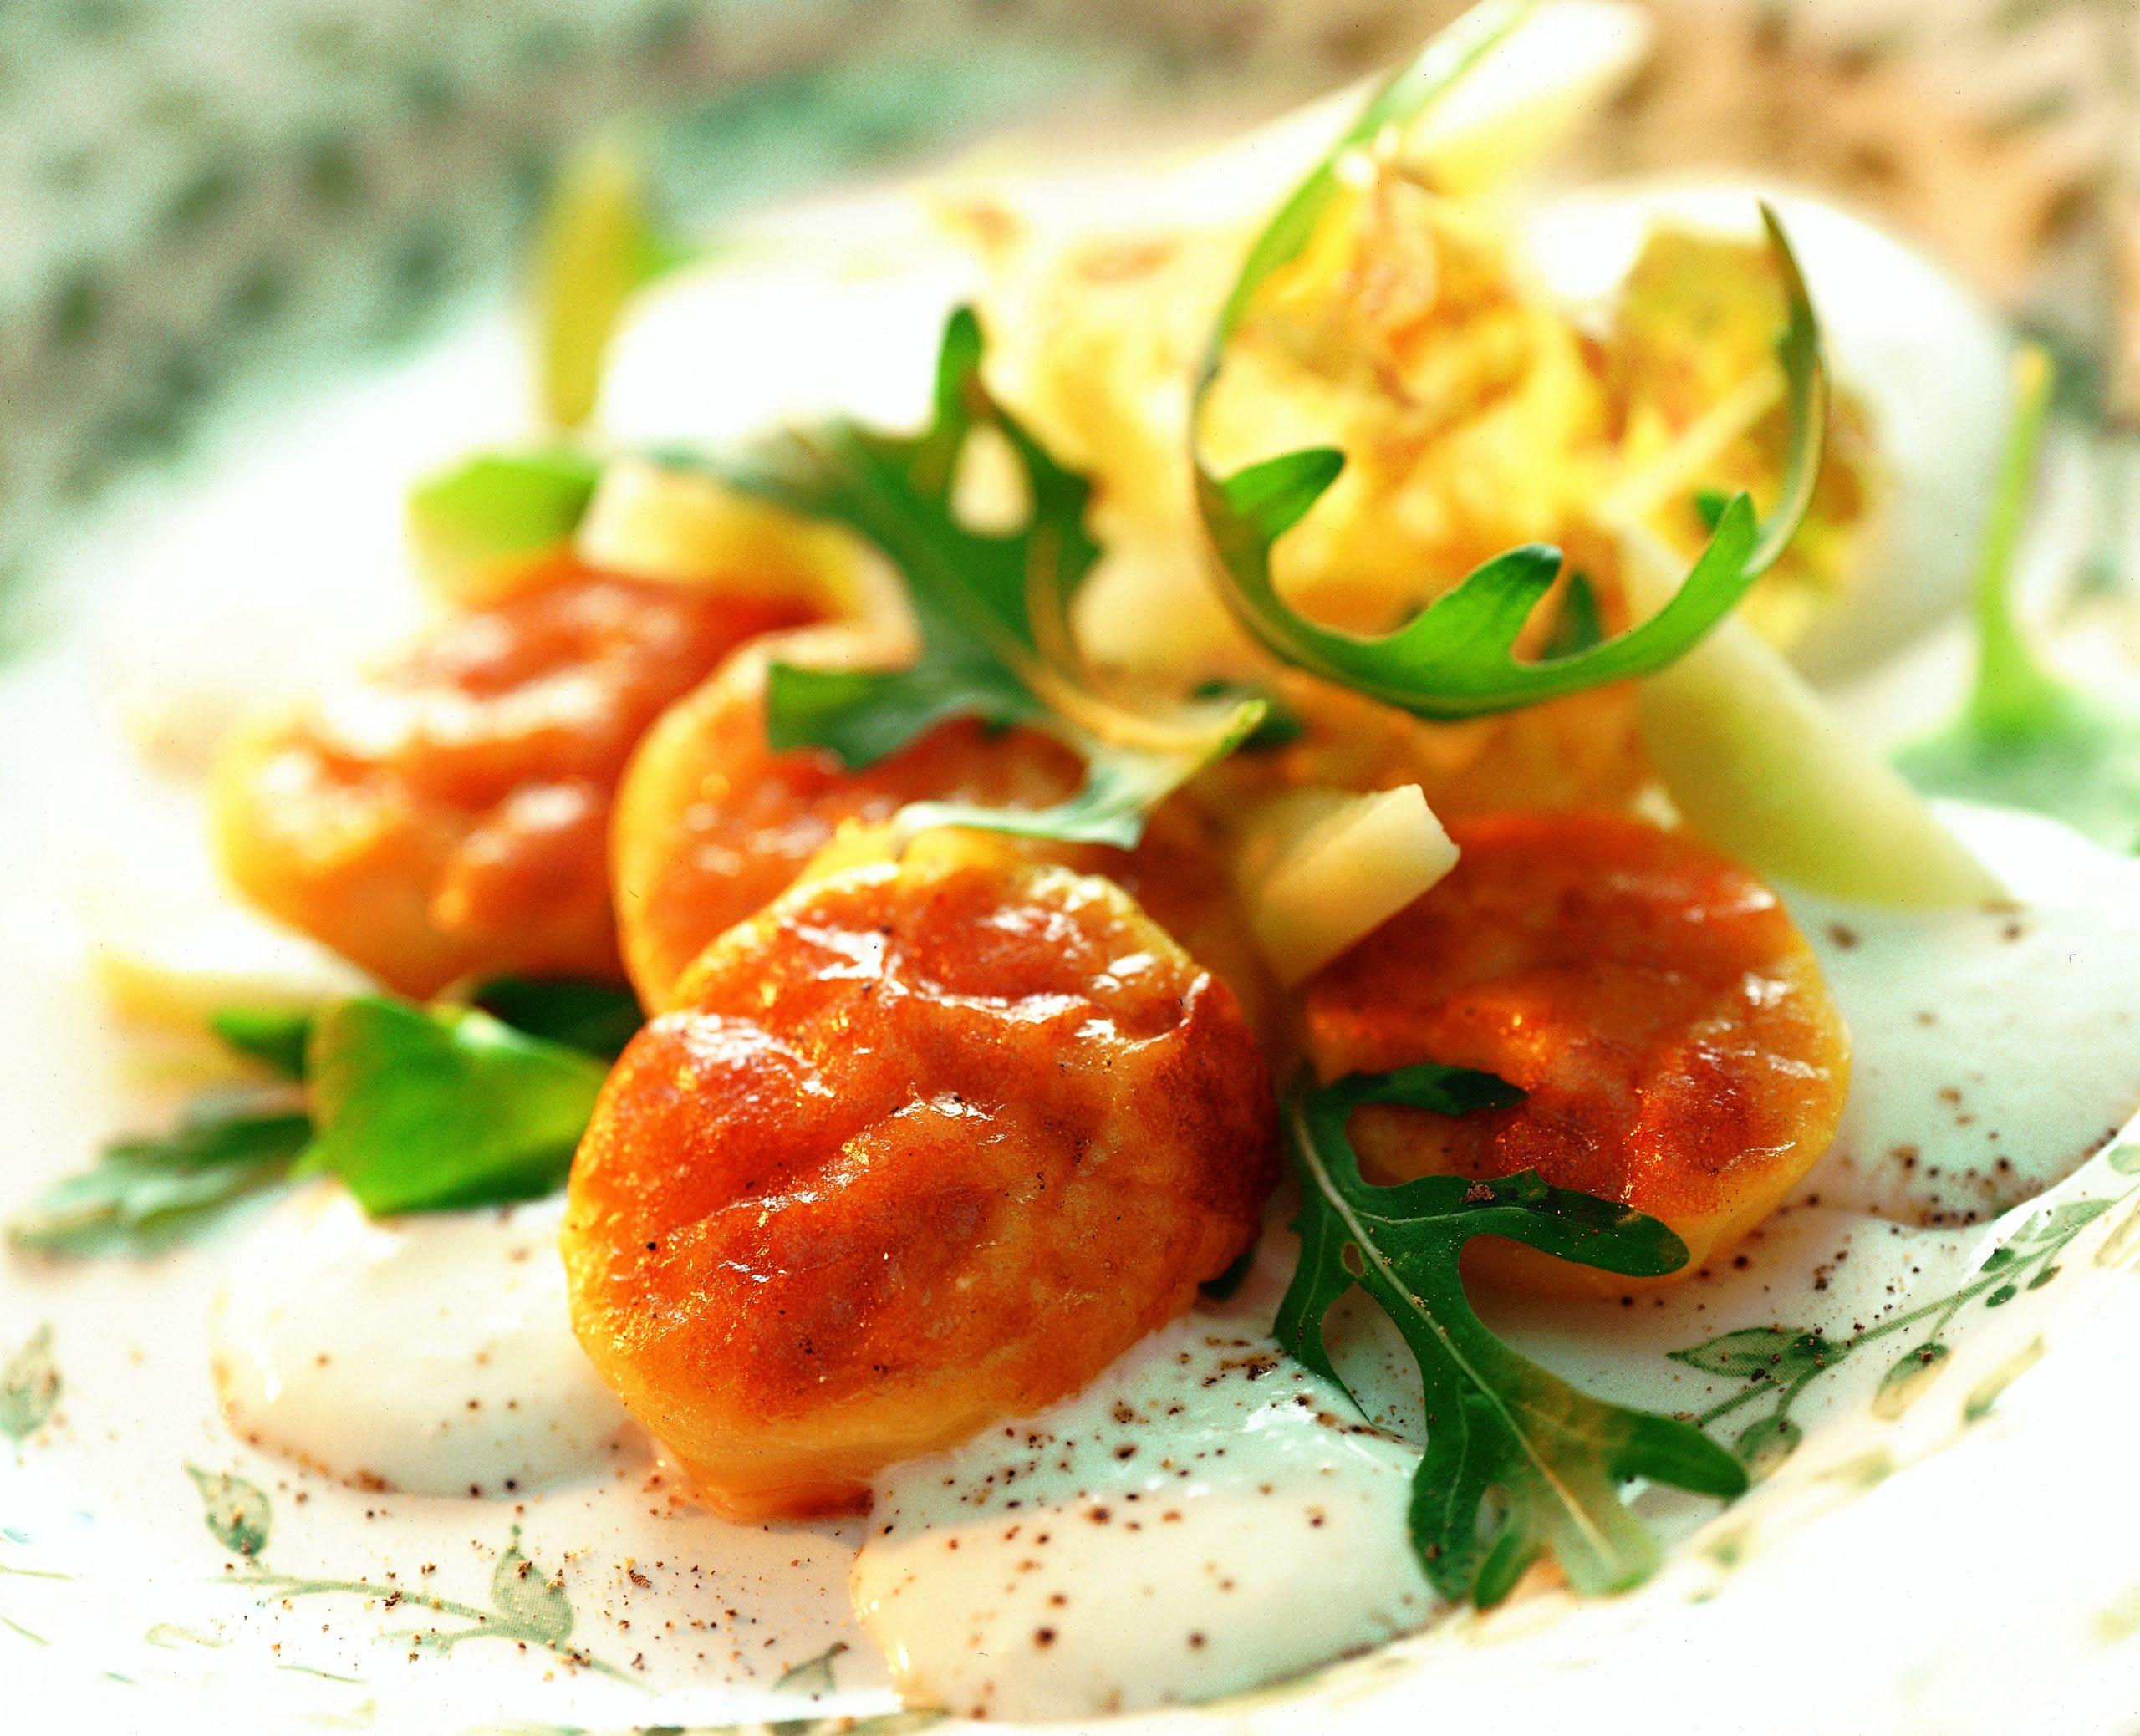 Pommes de terre gratinées au Gruyère et salade à la sauce au yogourt